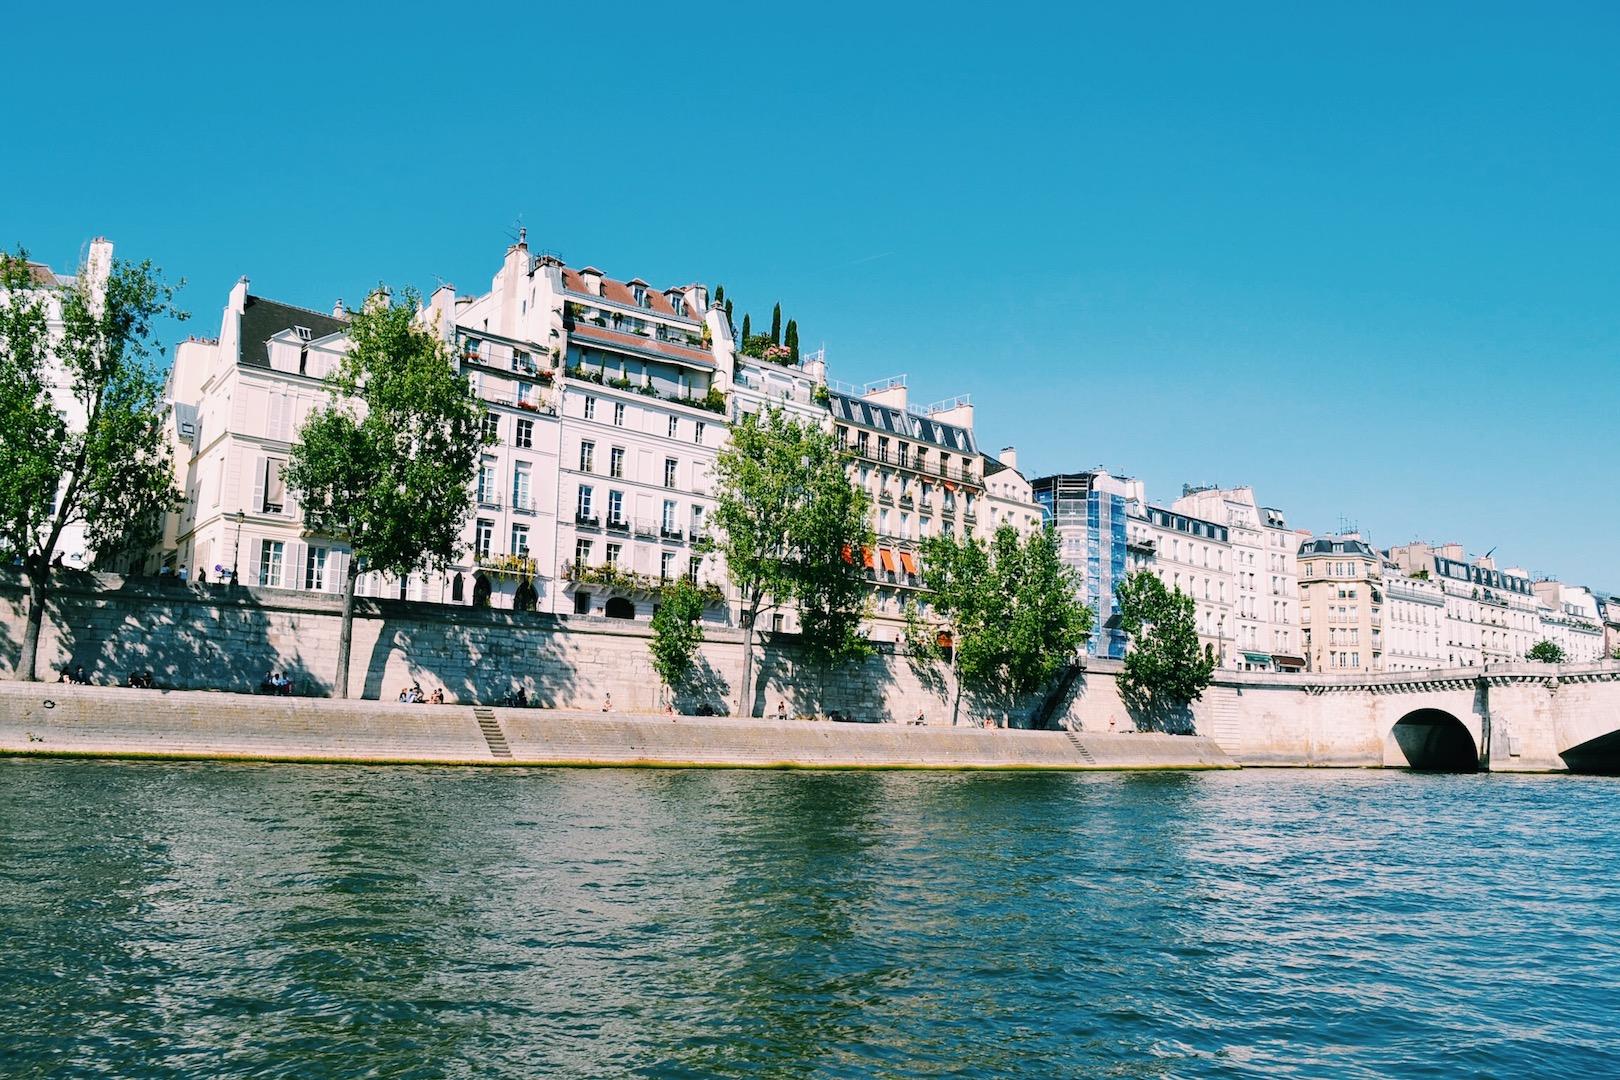 ile-de-st-louis-photo-paris-france.JPG